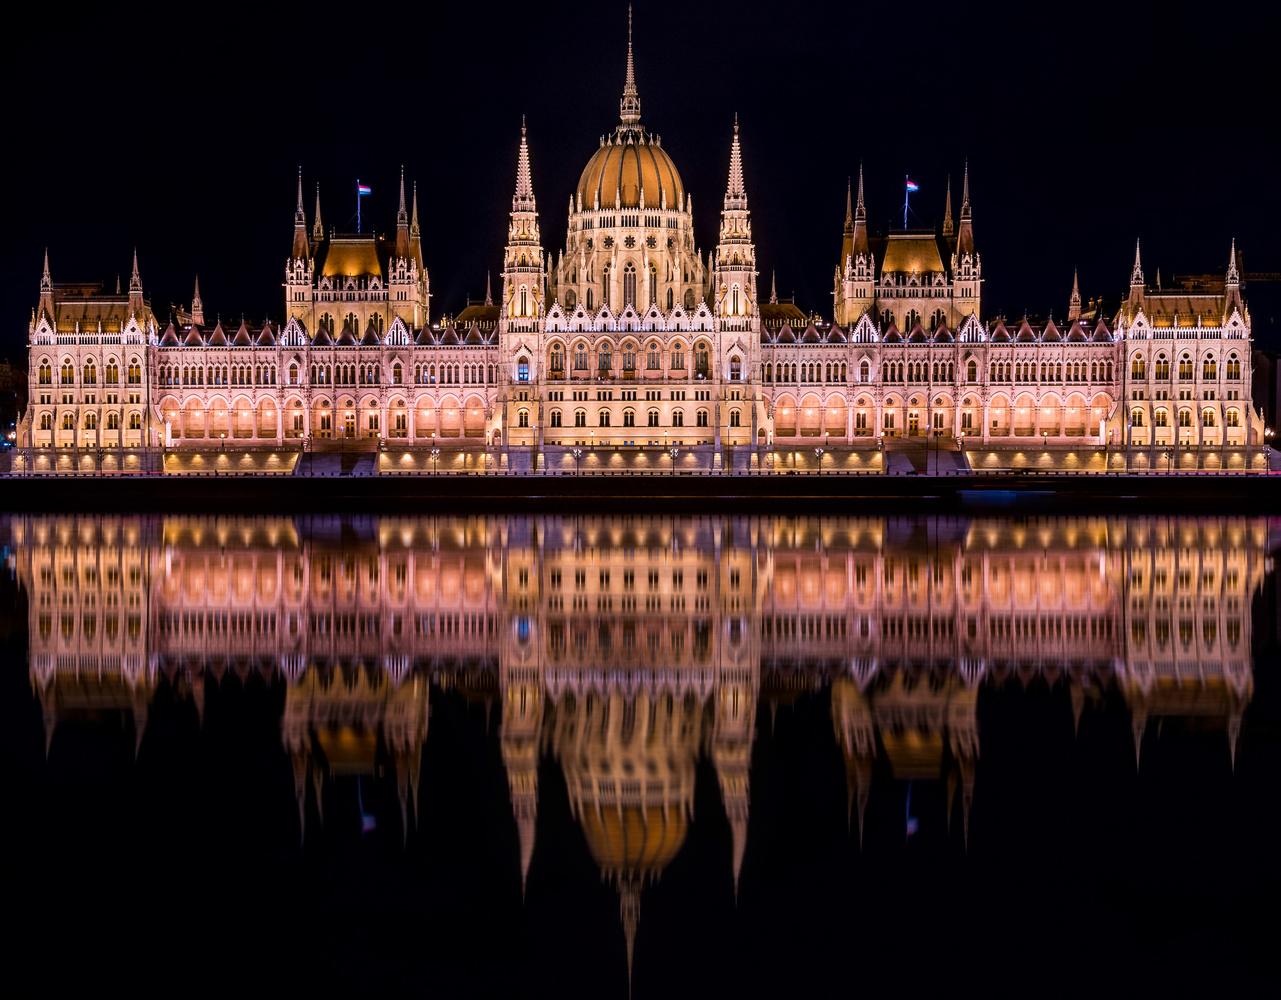 The Budapest Parliament by Massimiliano Coniglio